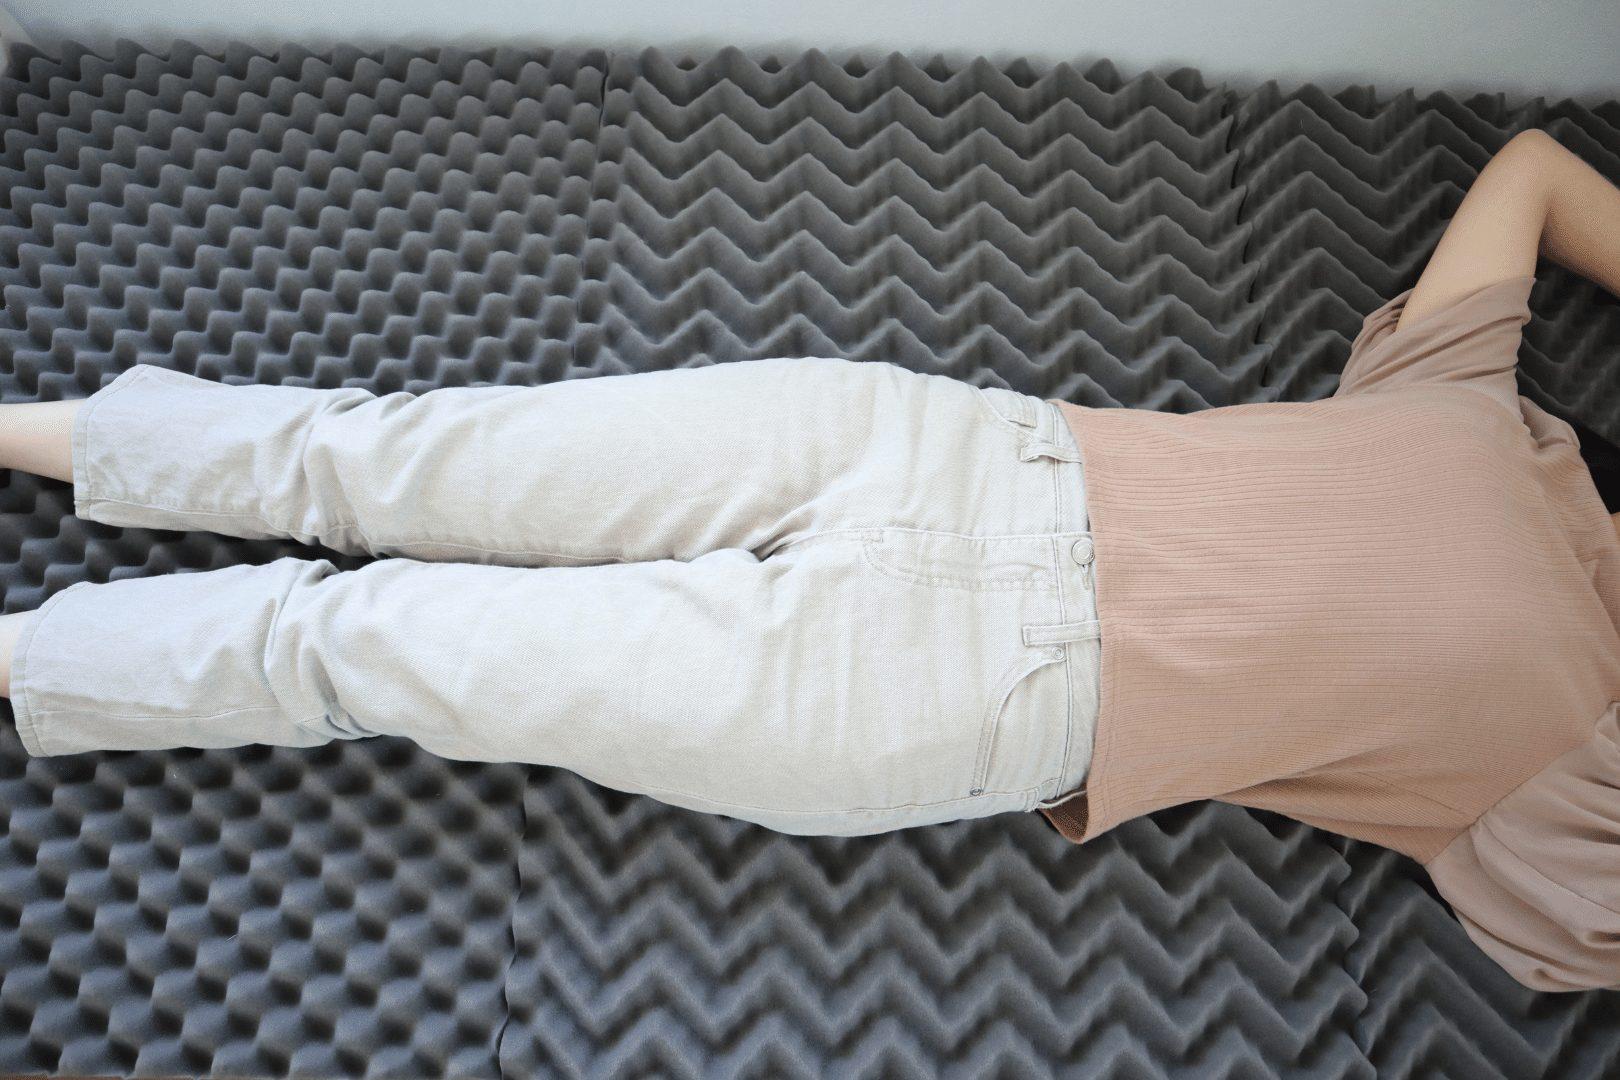 メディカルマットレス 寝心地